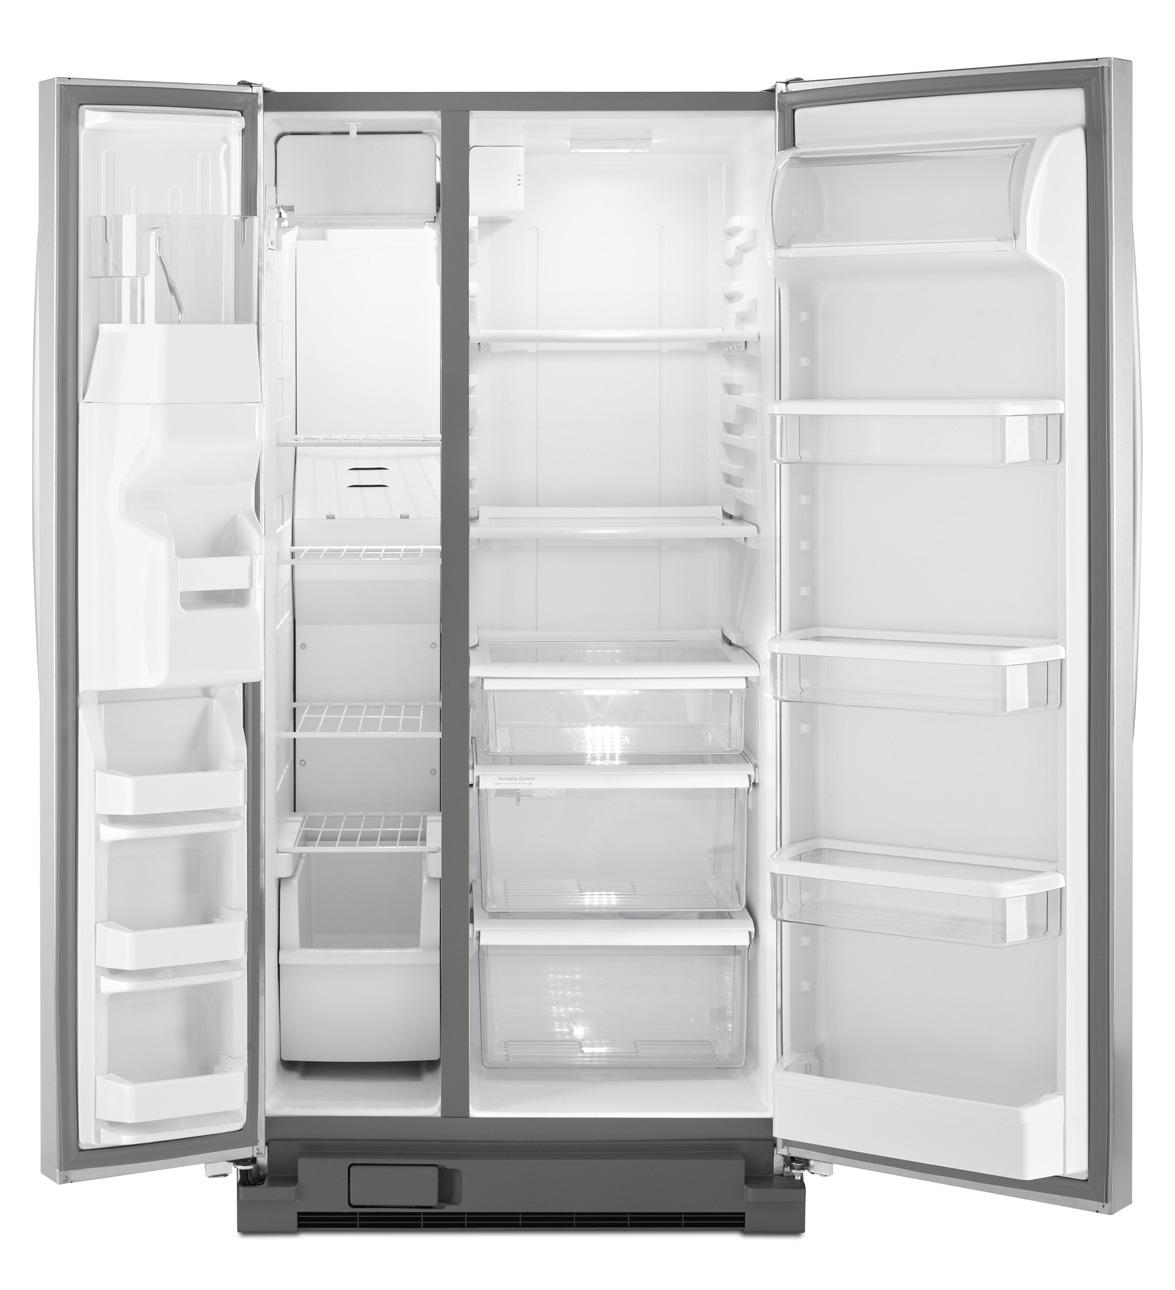 Réfrigérateur côte à côte Whirlpool® 21 pi cu avec système In-Door-Ice®